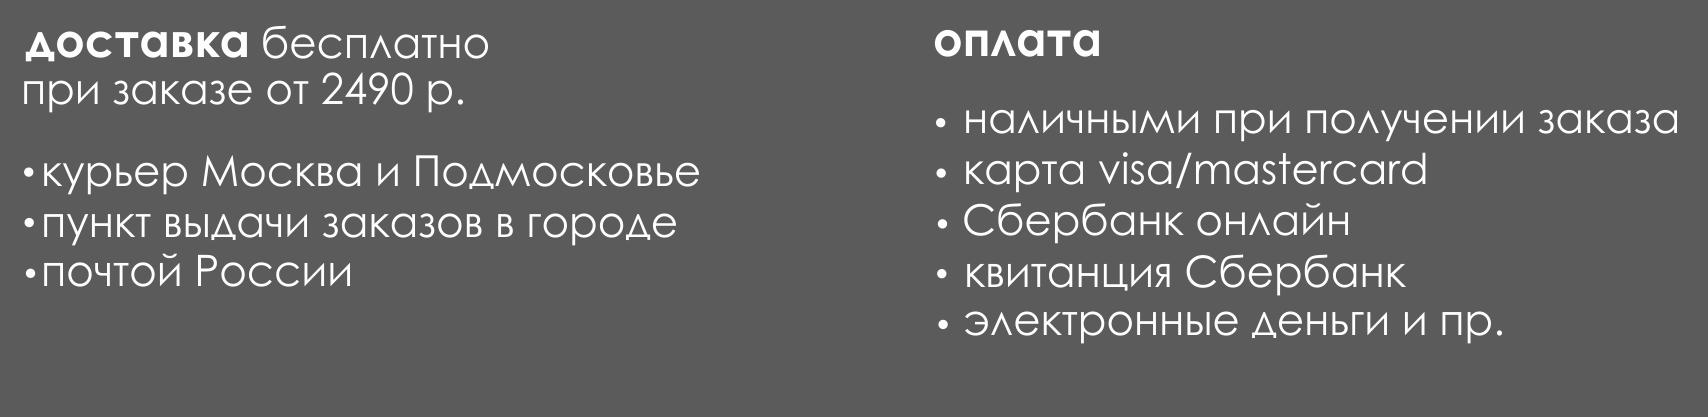 бесплатная доставка_банер на страницу_01_02